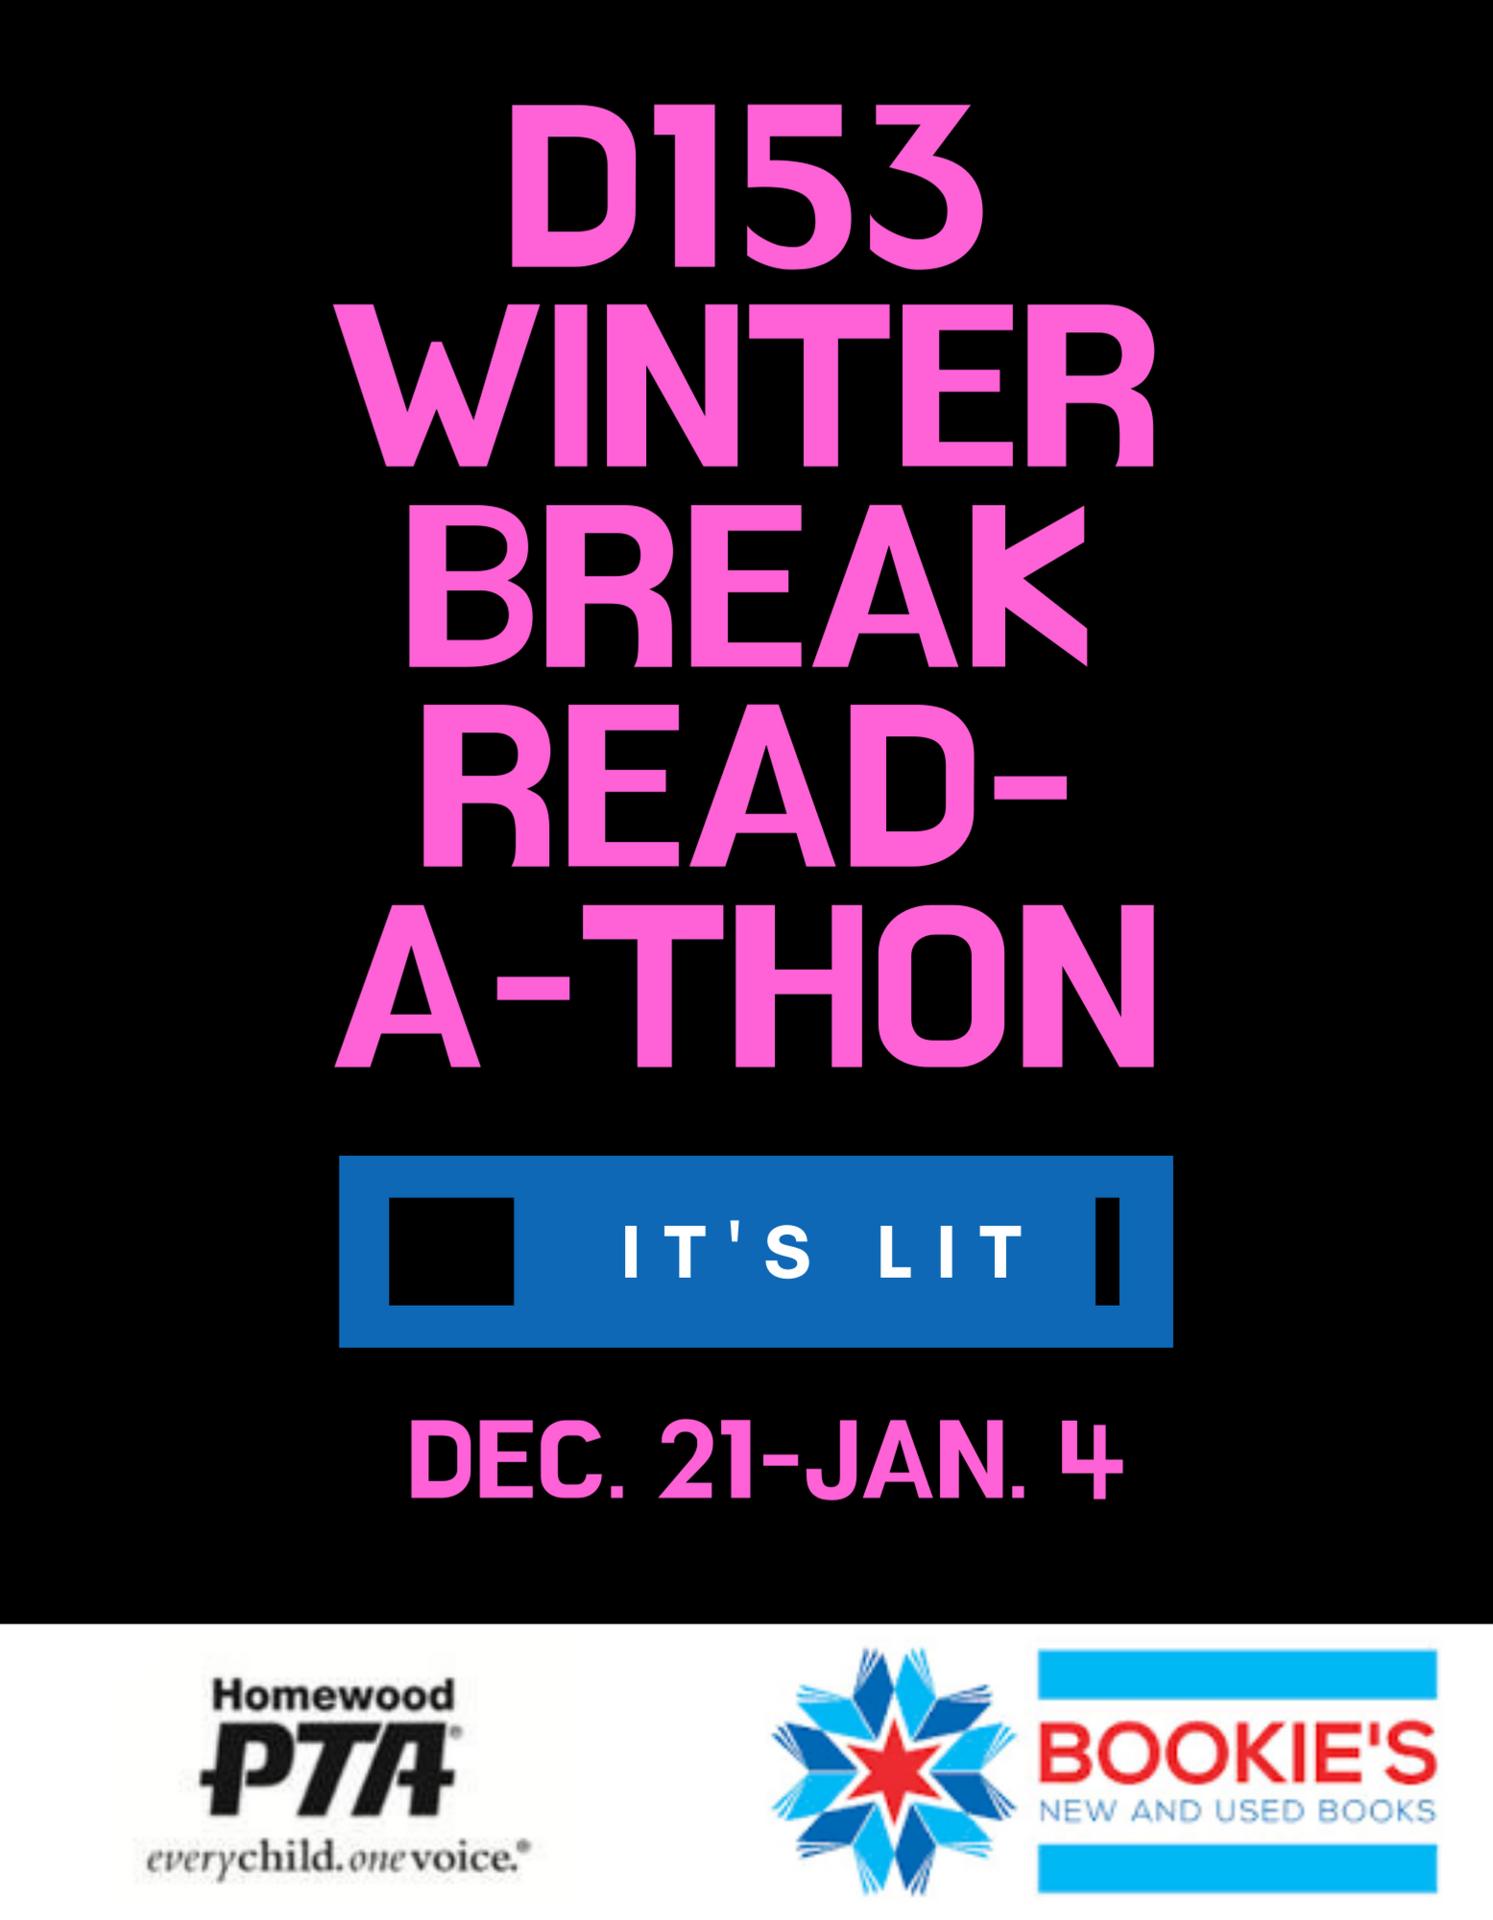 winter break read-a-thon